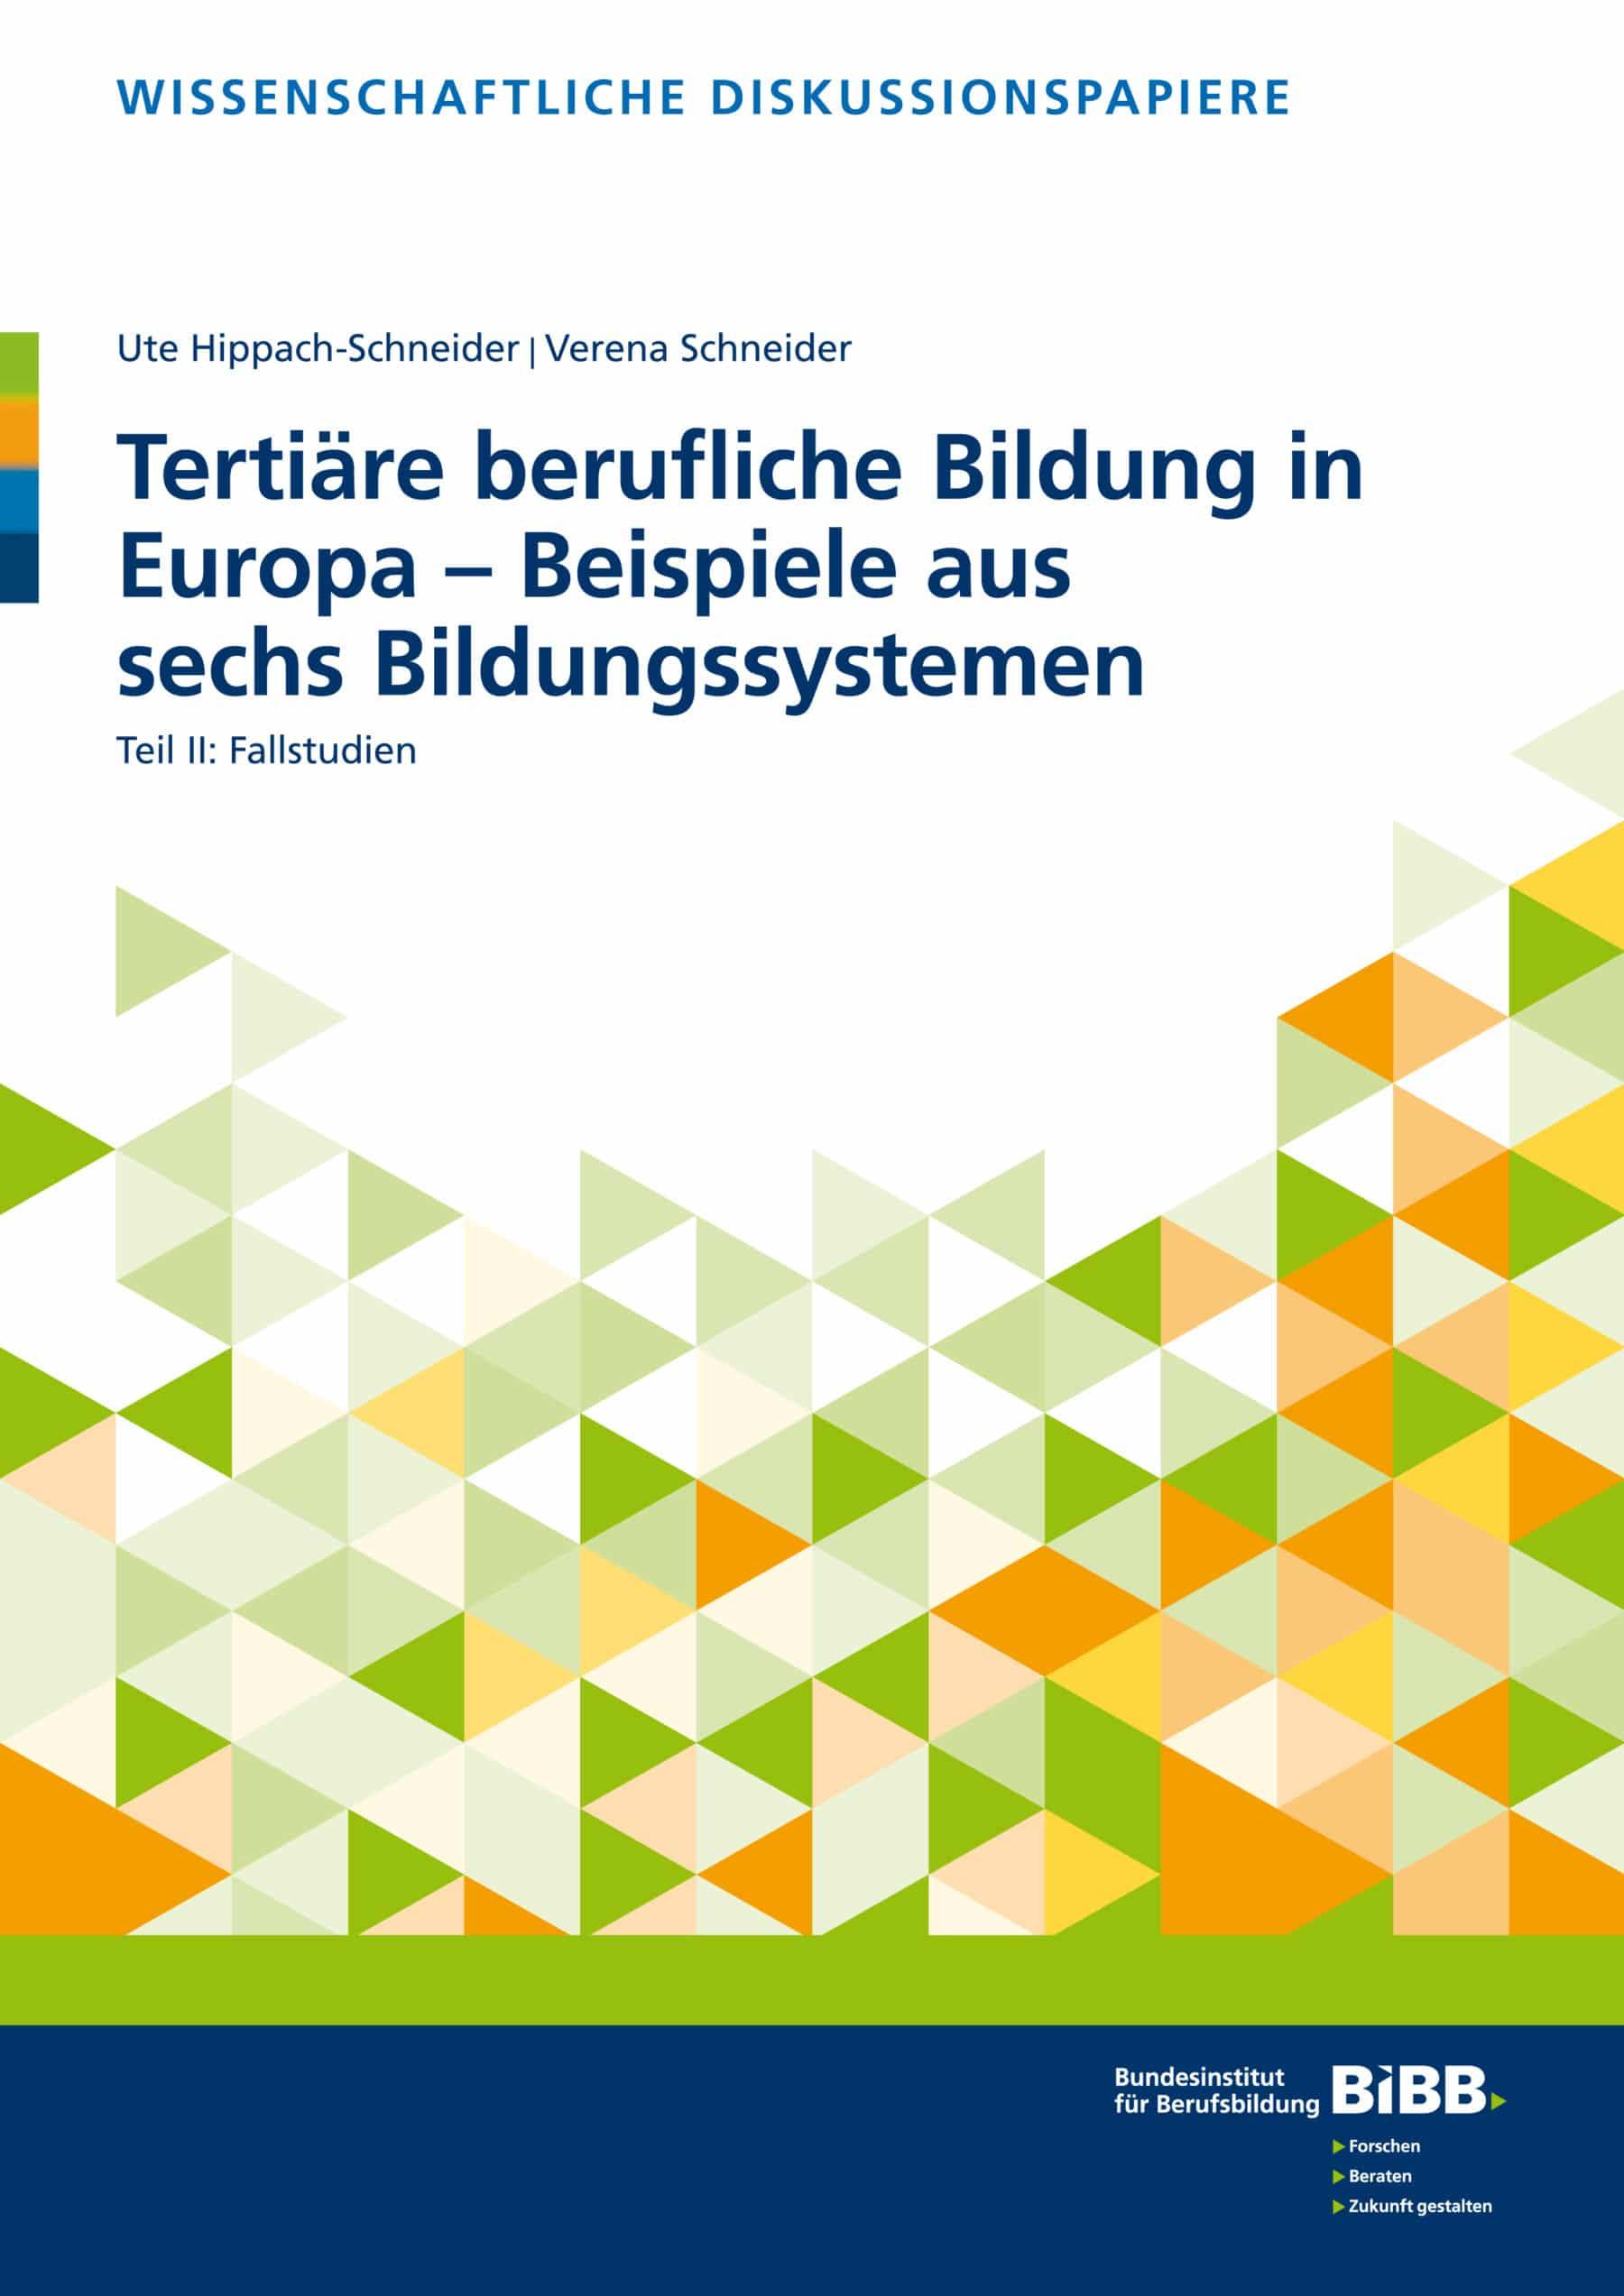 Tertiäre berufliche Bildung in Europa – Beispiele aus sechs Bildungssystemen II